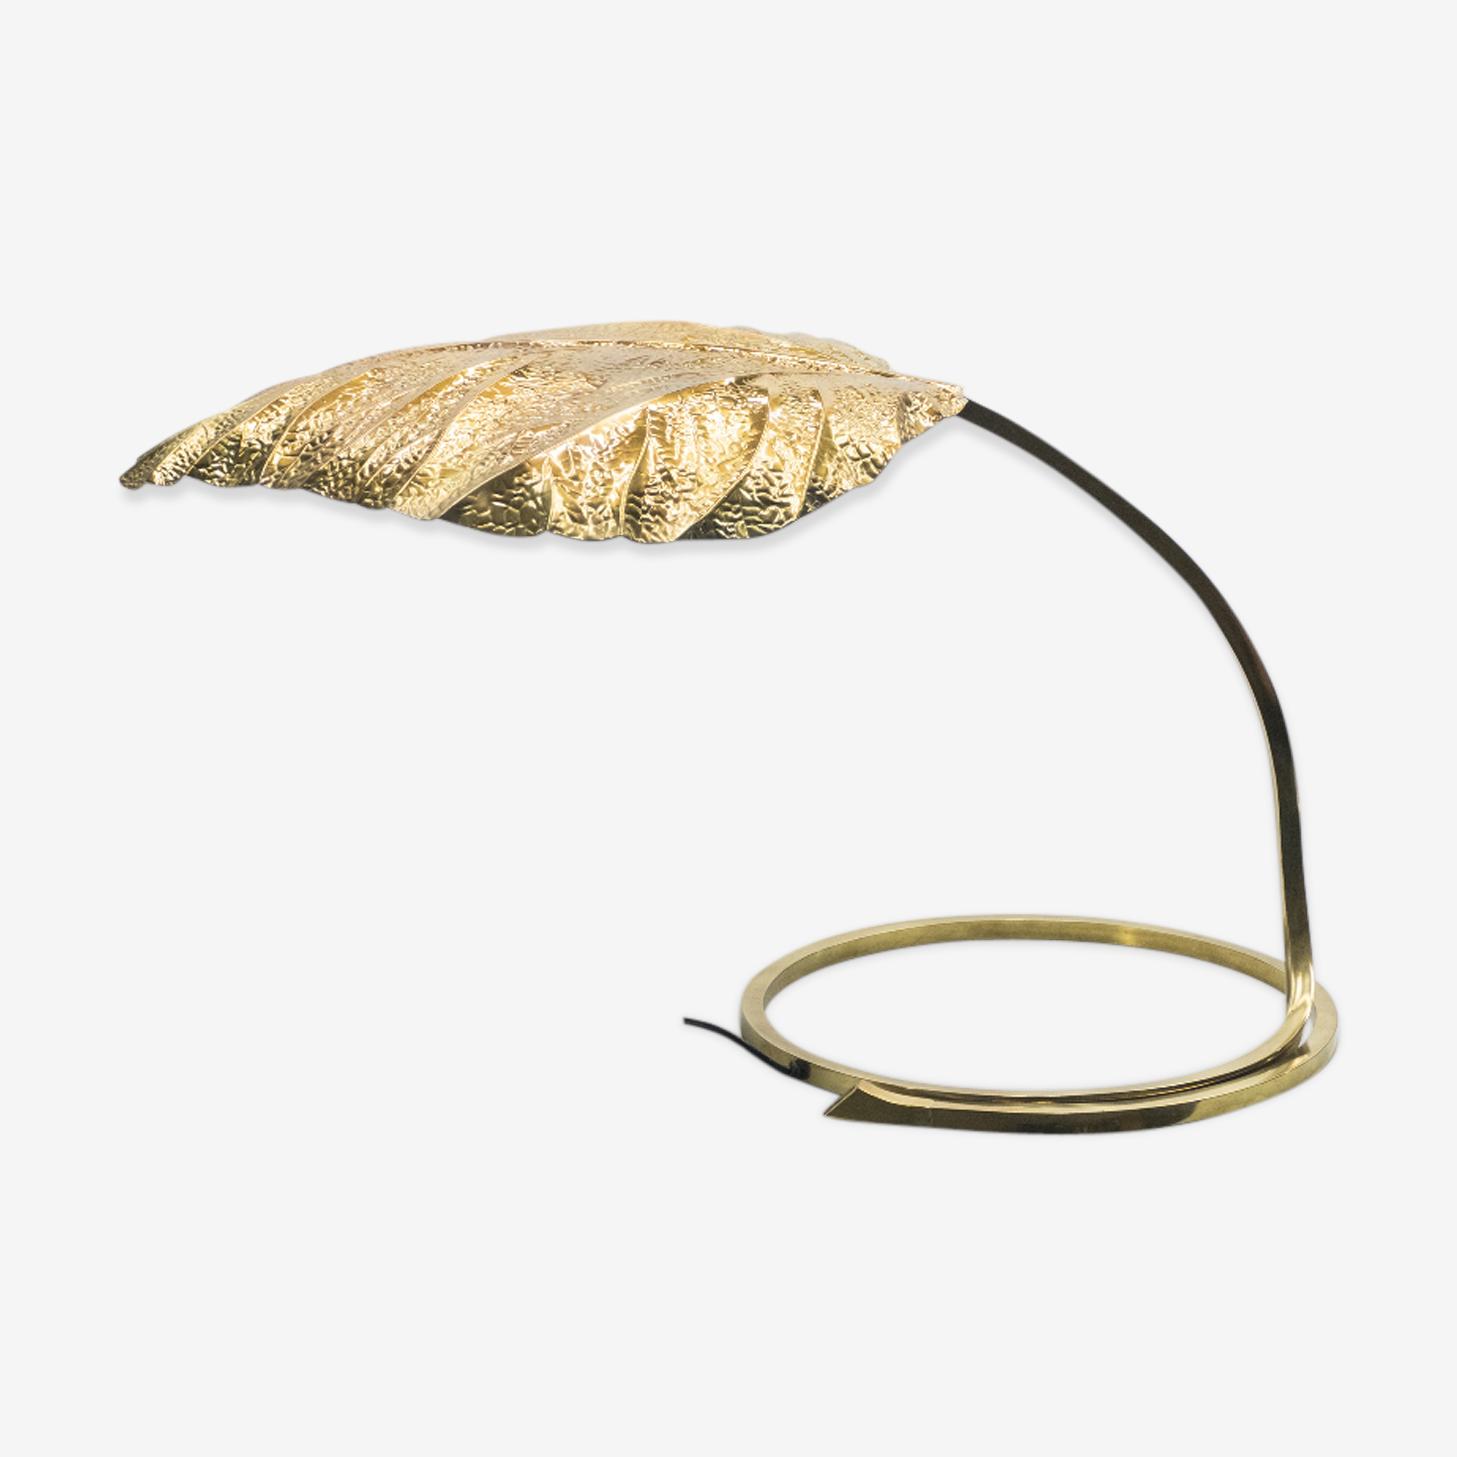 """Lampe feuille italienne """"Rhubarbe"""" en laiton Tommaso Barbi 1970"""